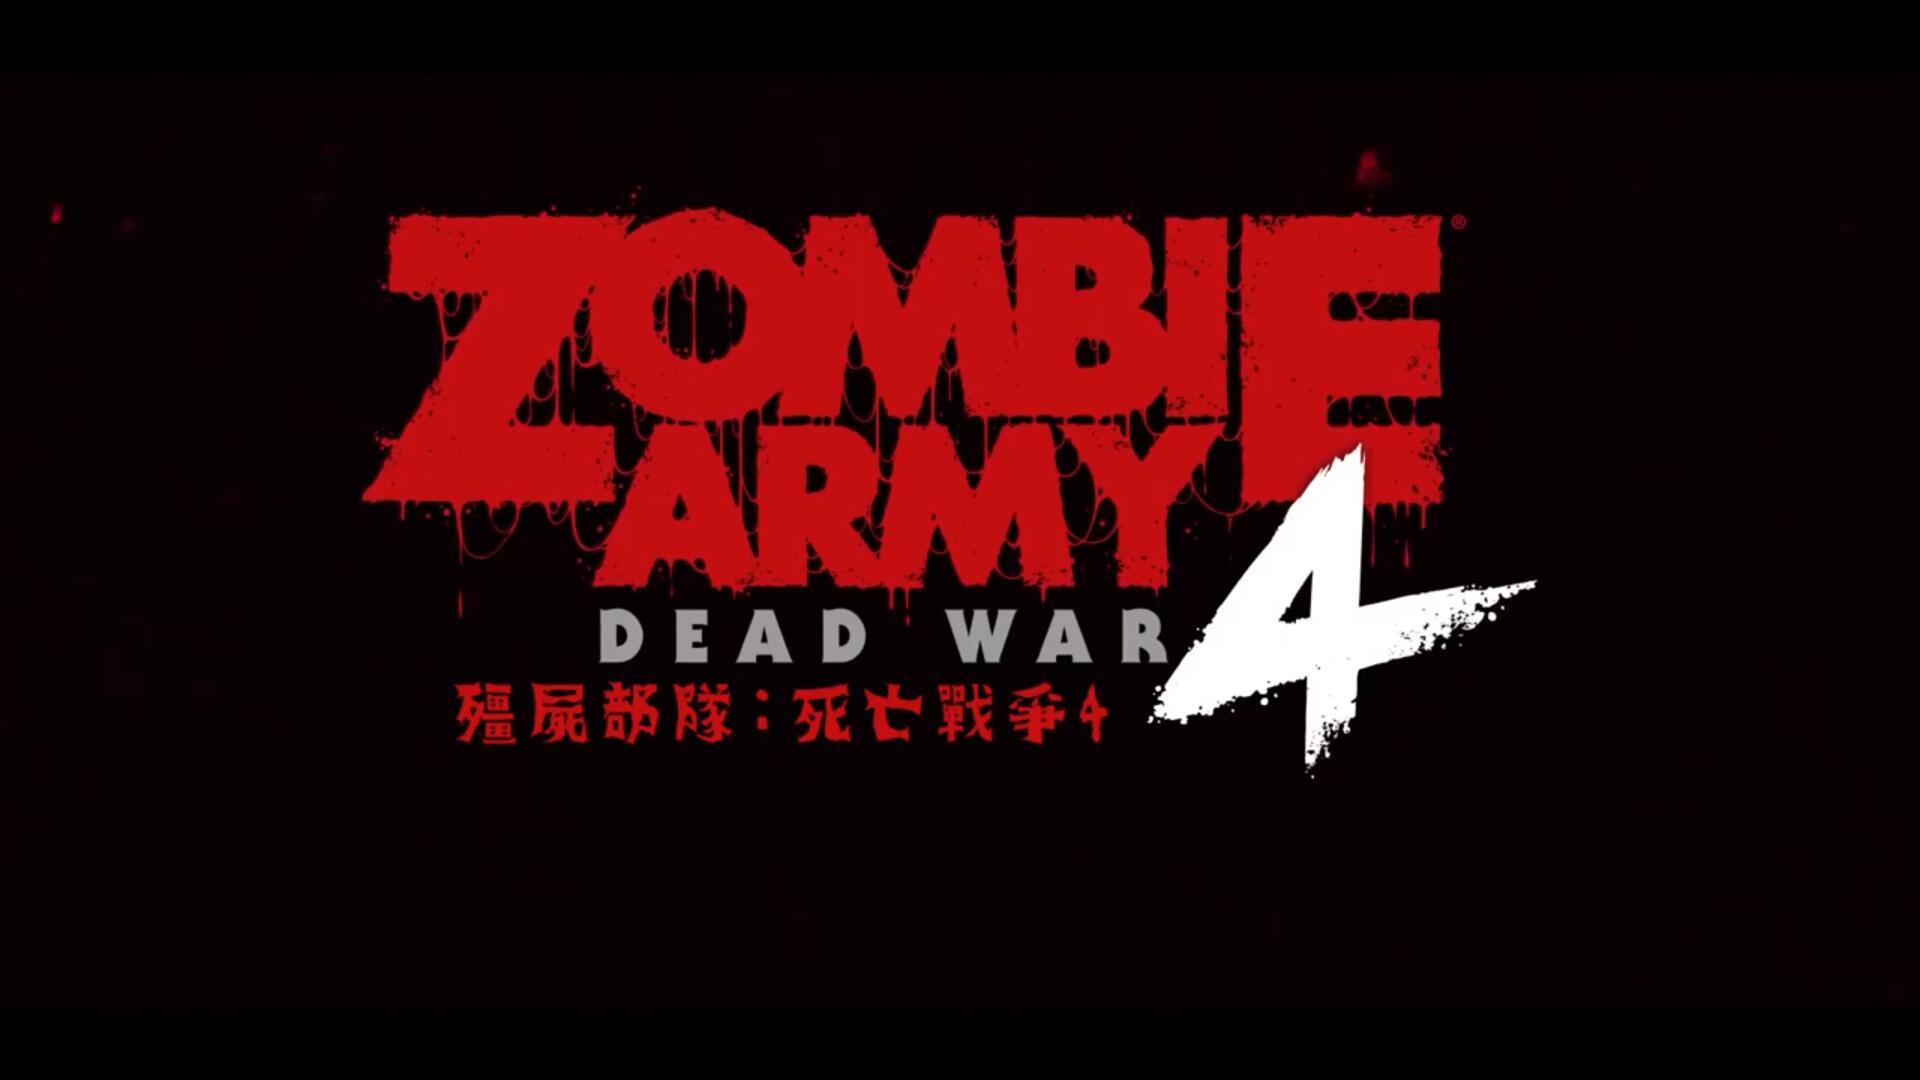 《僵尸部队:死亡战争4》公布支持中文字幕和PV